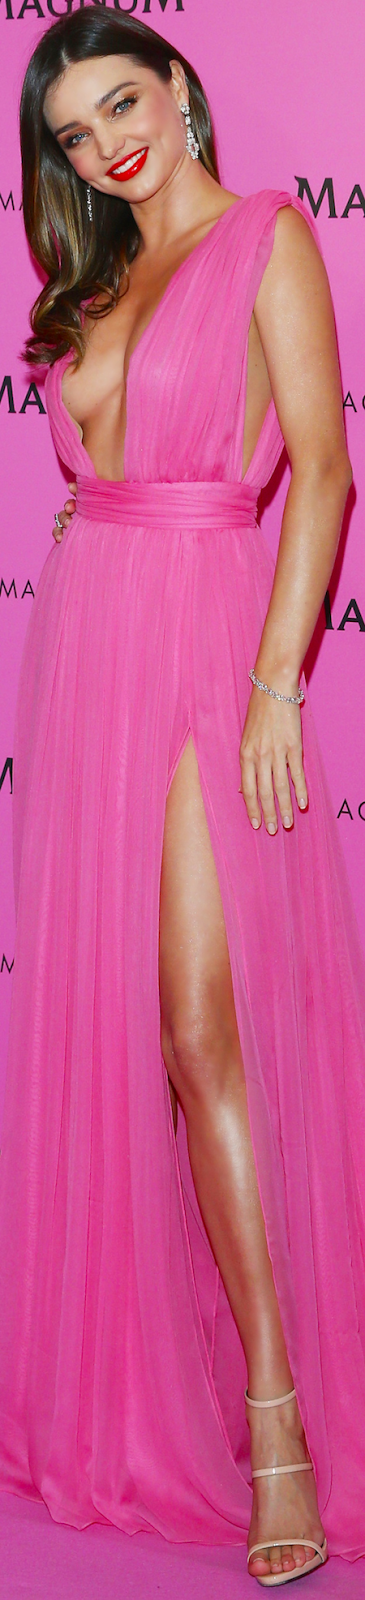 Miranda Kerr Model HOT Pamer Payudara dan Paha di Pesta Cannes